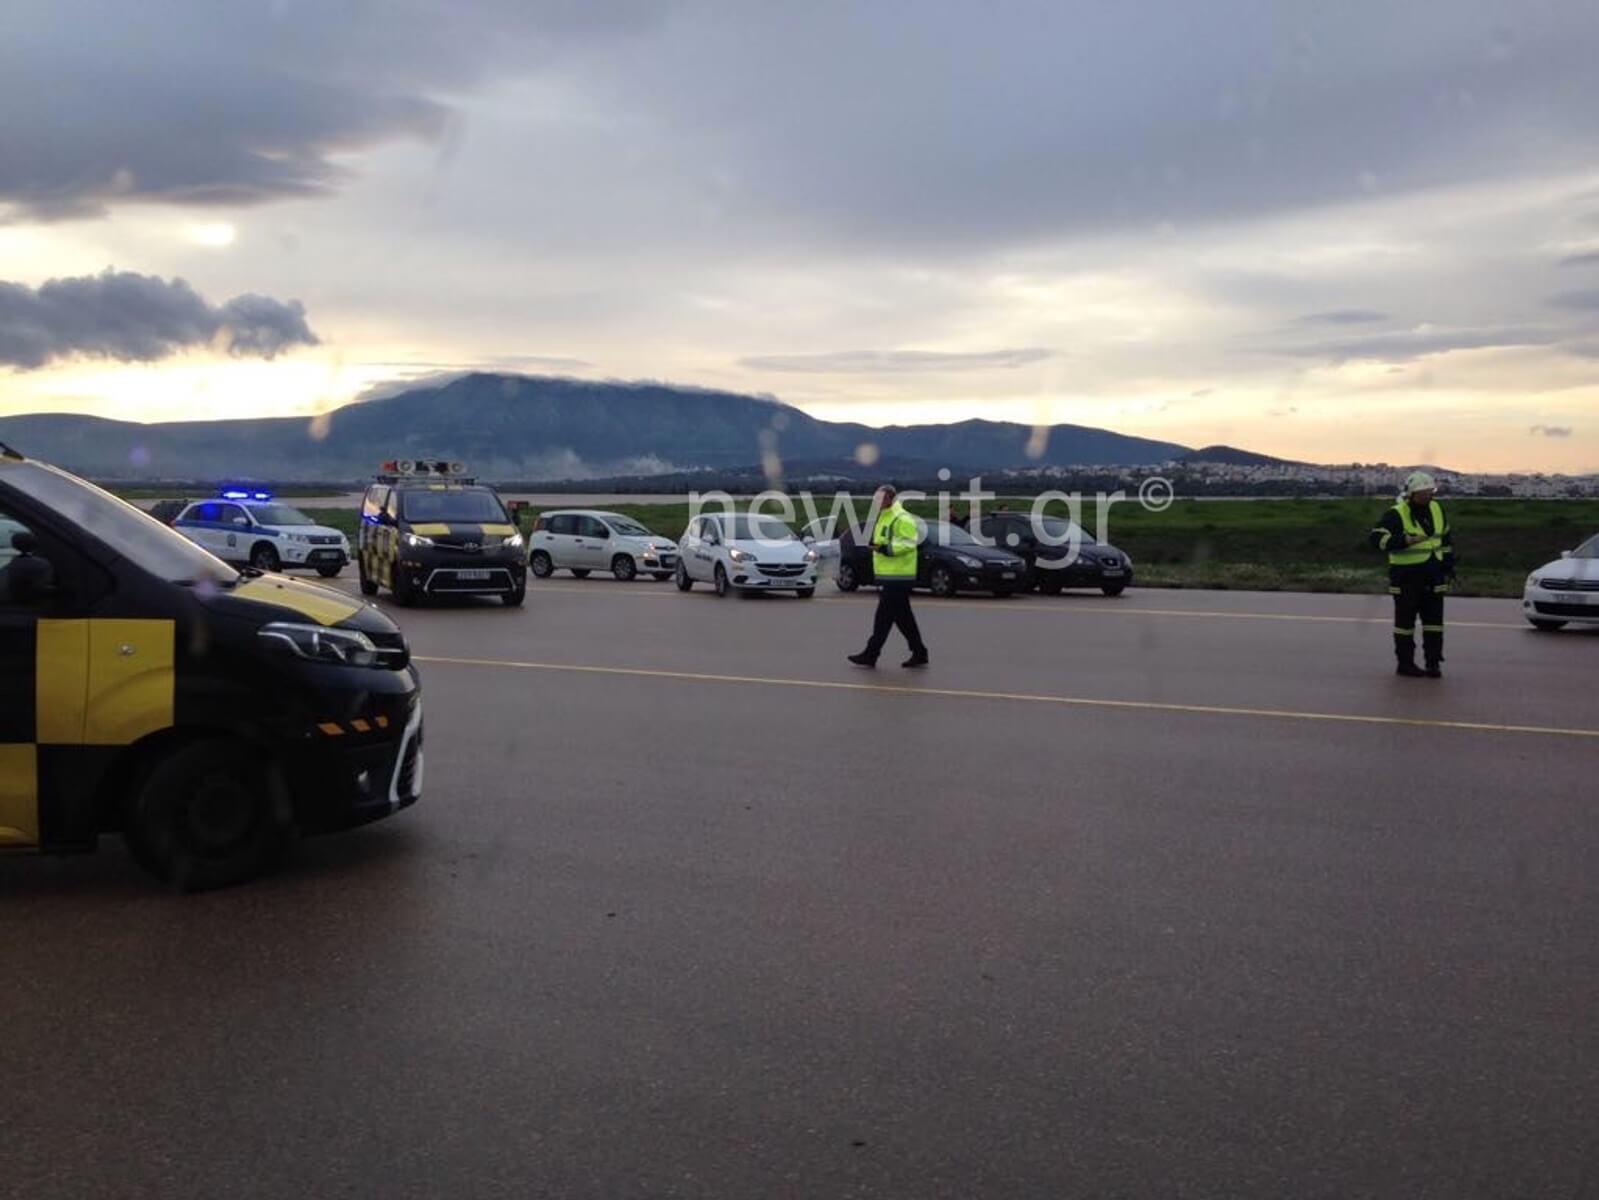 Αναστάτωση στο αεροδρόμιο Ελευθέριος Βενιζέλος μετά από τηλεφώνημα για αεροπειρατεία [pics]